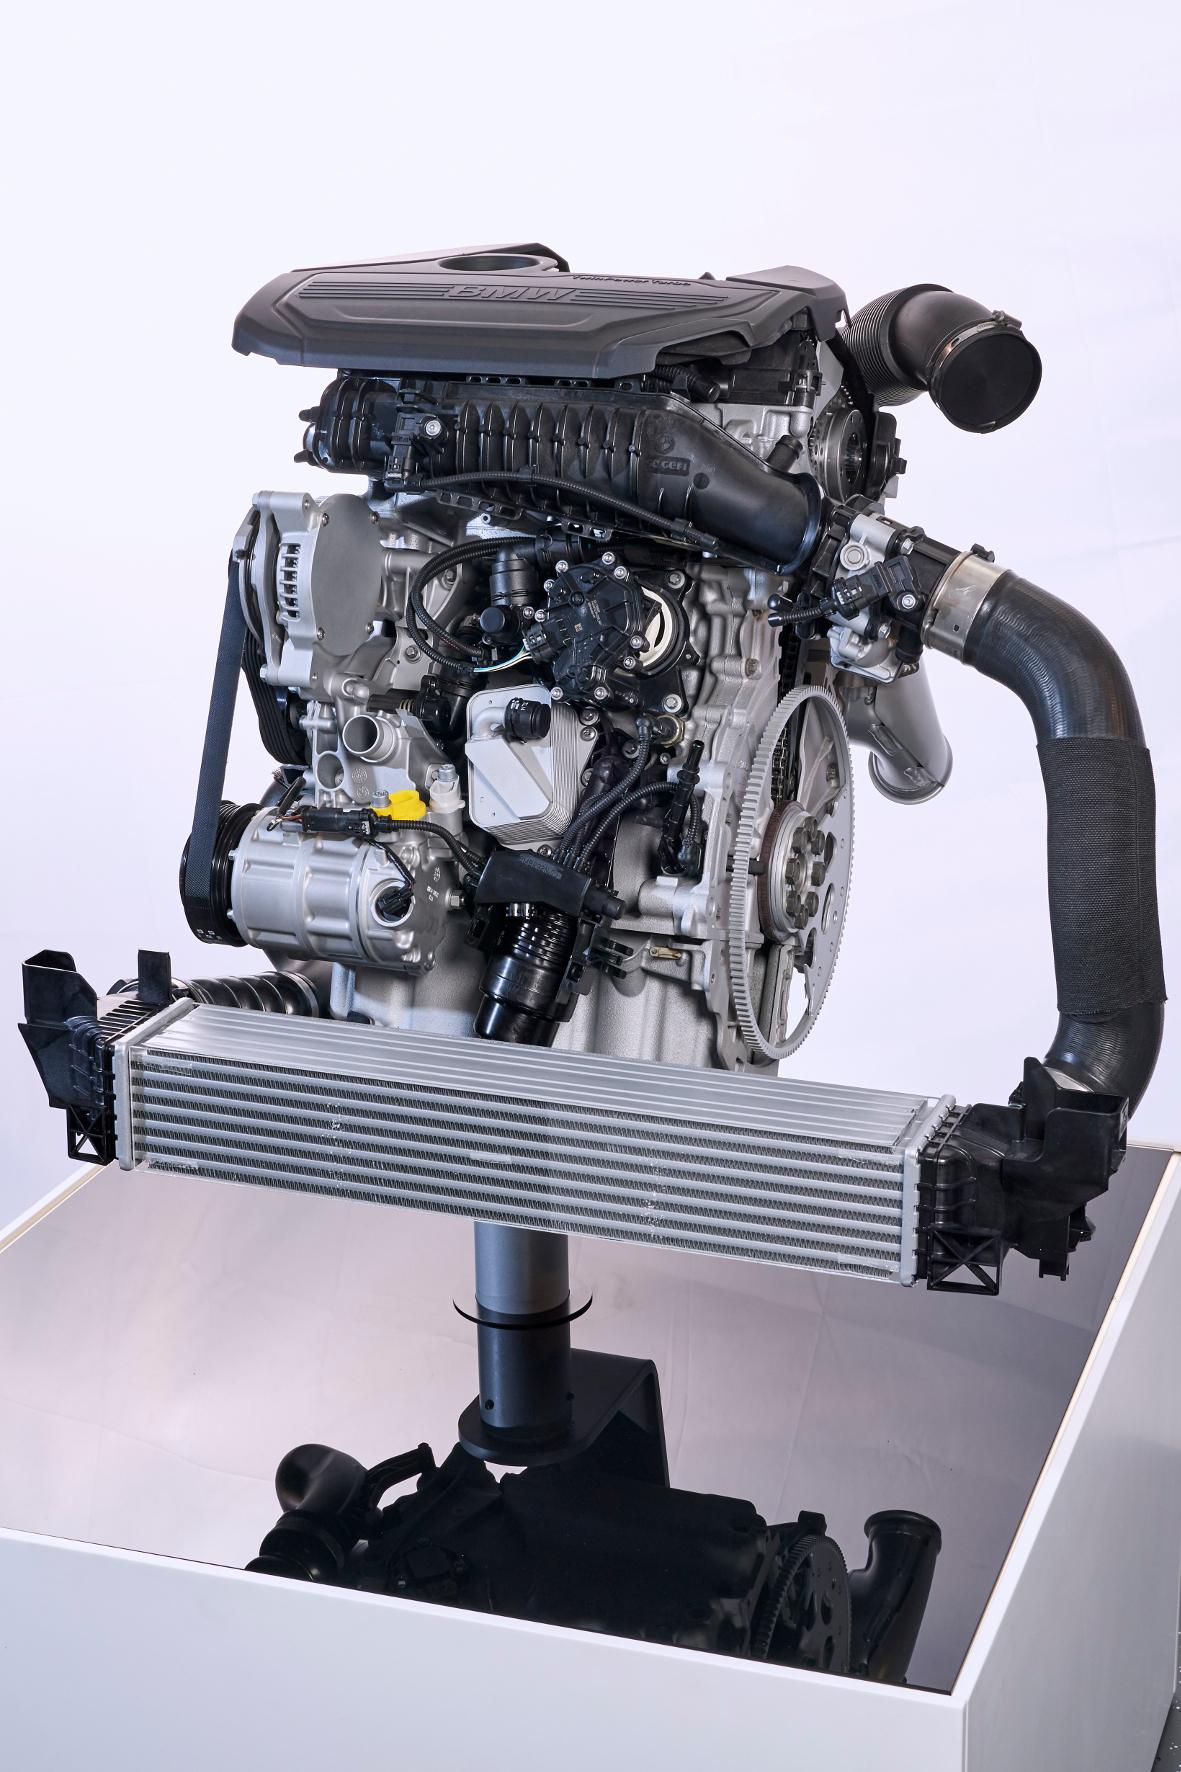 mid Groß-Gerau - Egal ob drei oder vier: Zylinder: Bei BMW hat jeder Topf künftig 500 ccm.